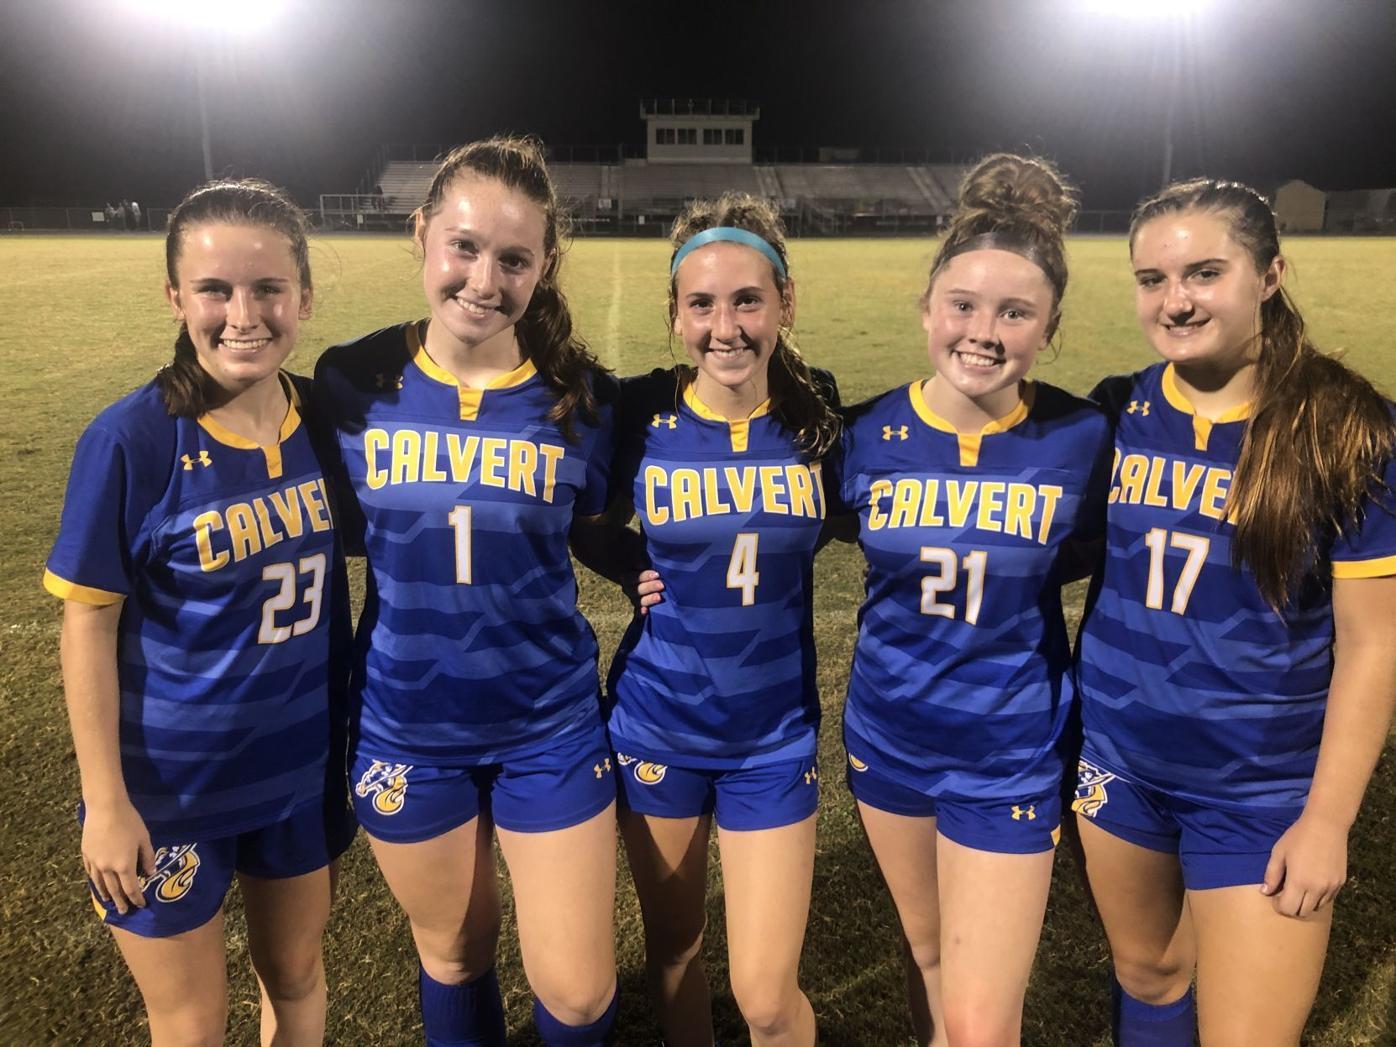 Calvert girls soccer riding youth movement